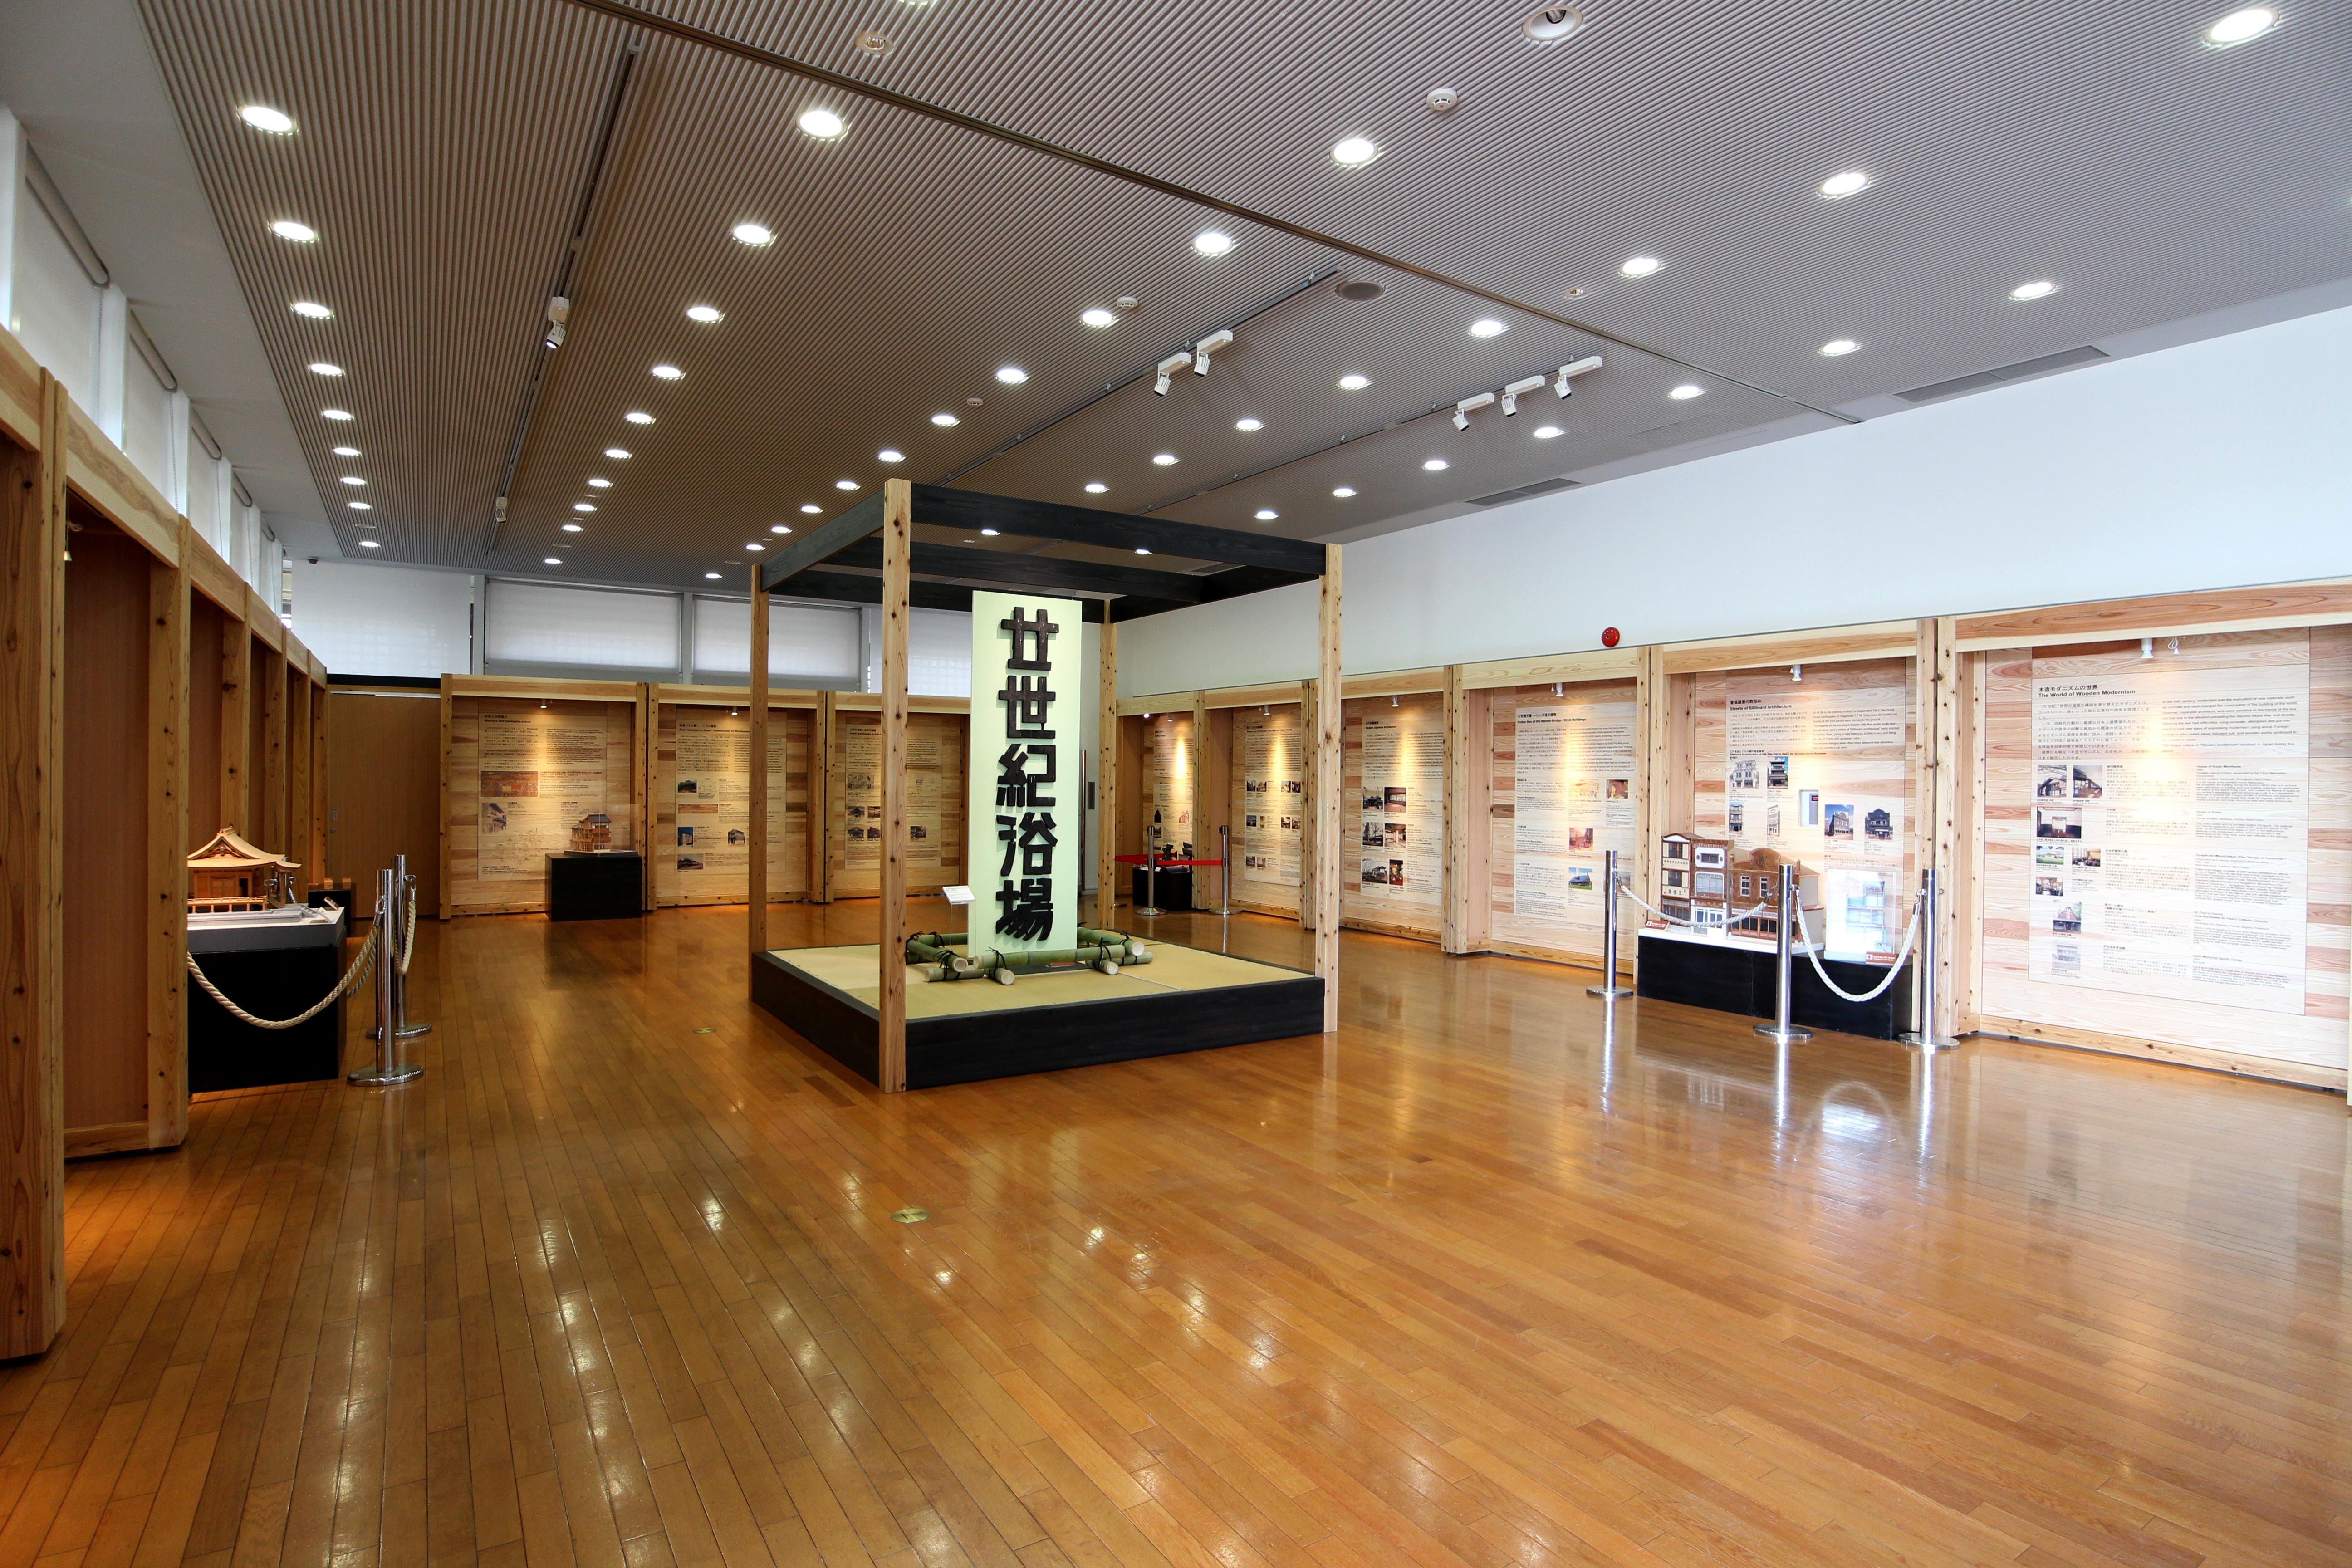 江戸東京たてもの園 展示スペース 改装工事